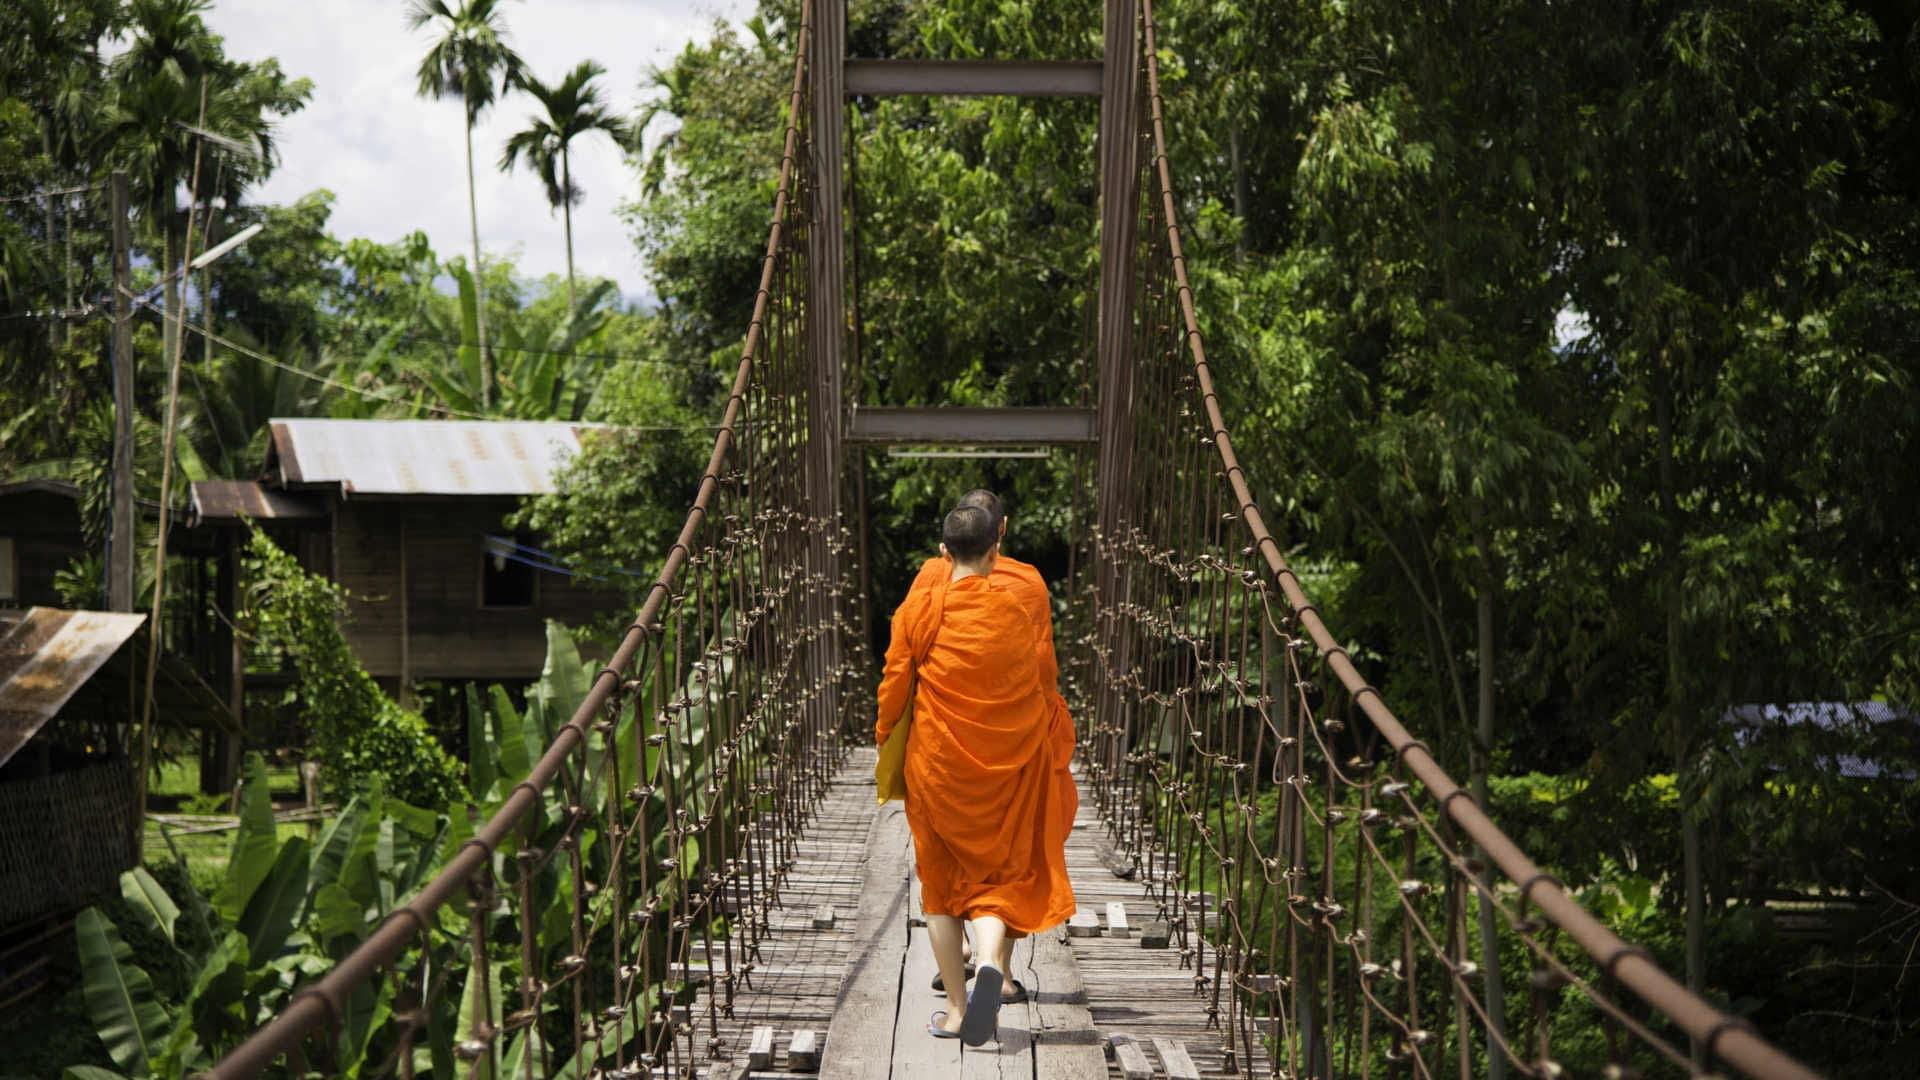 Buddhistische Mönche auf Hängebrücke Indochina